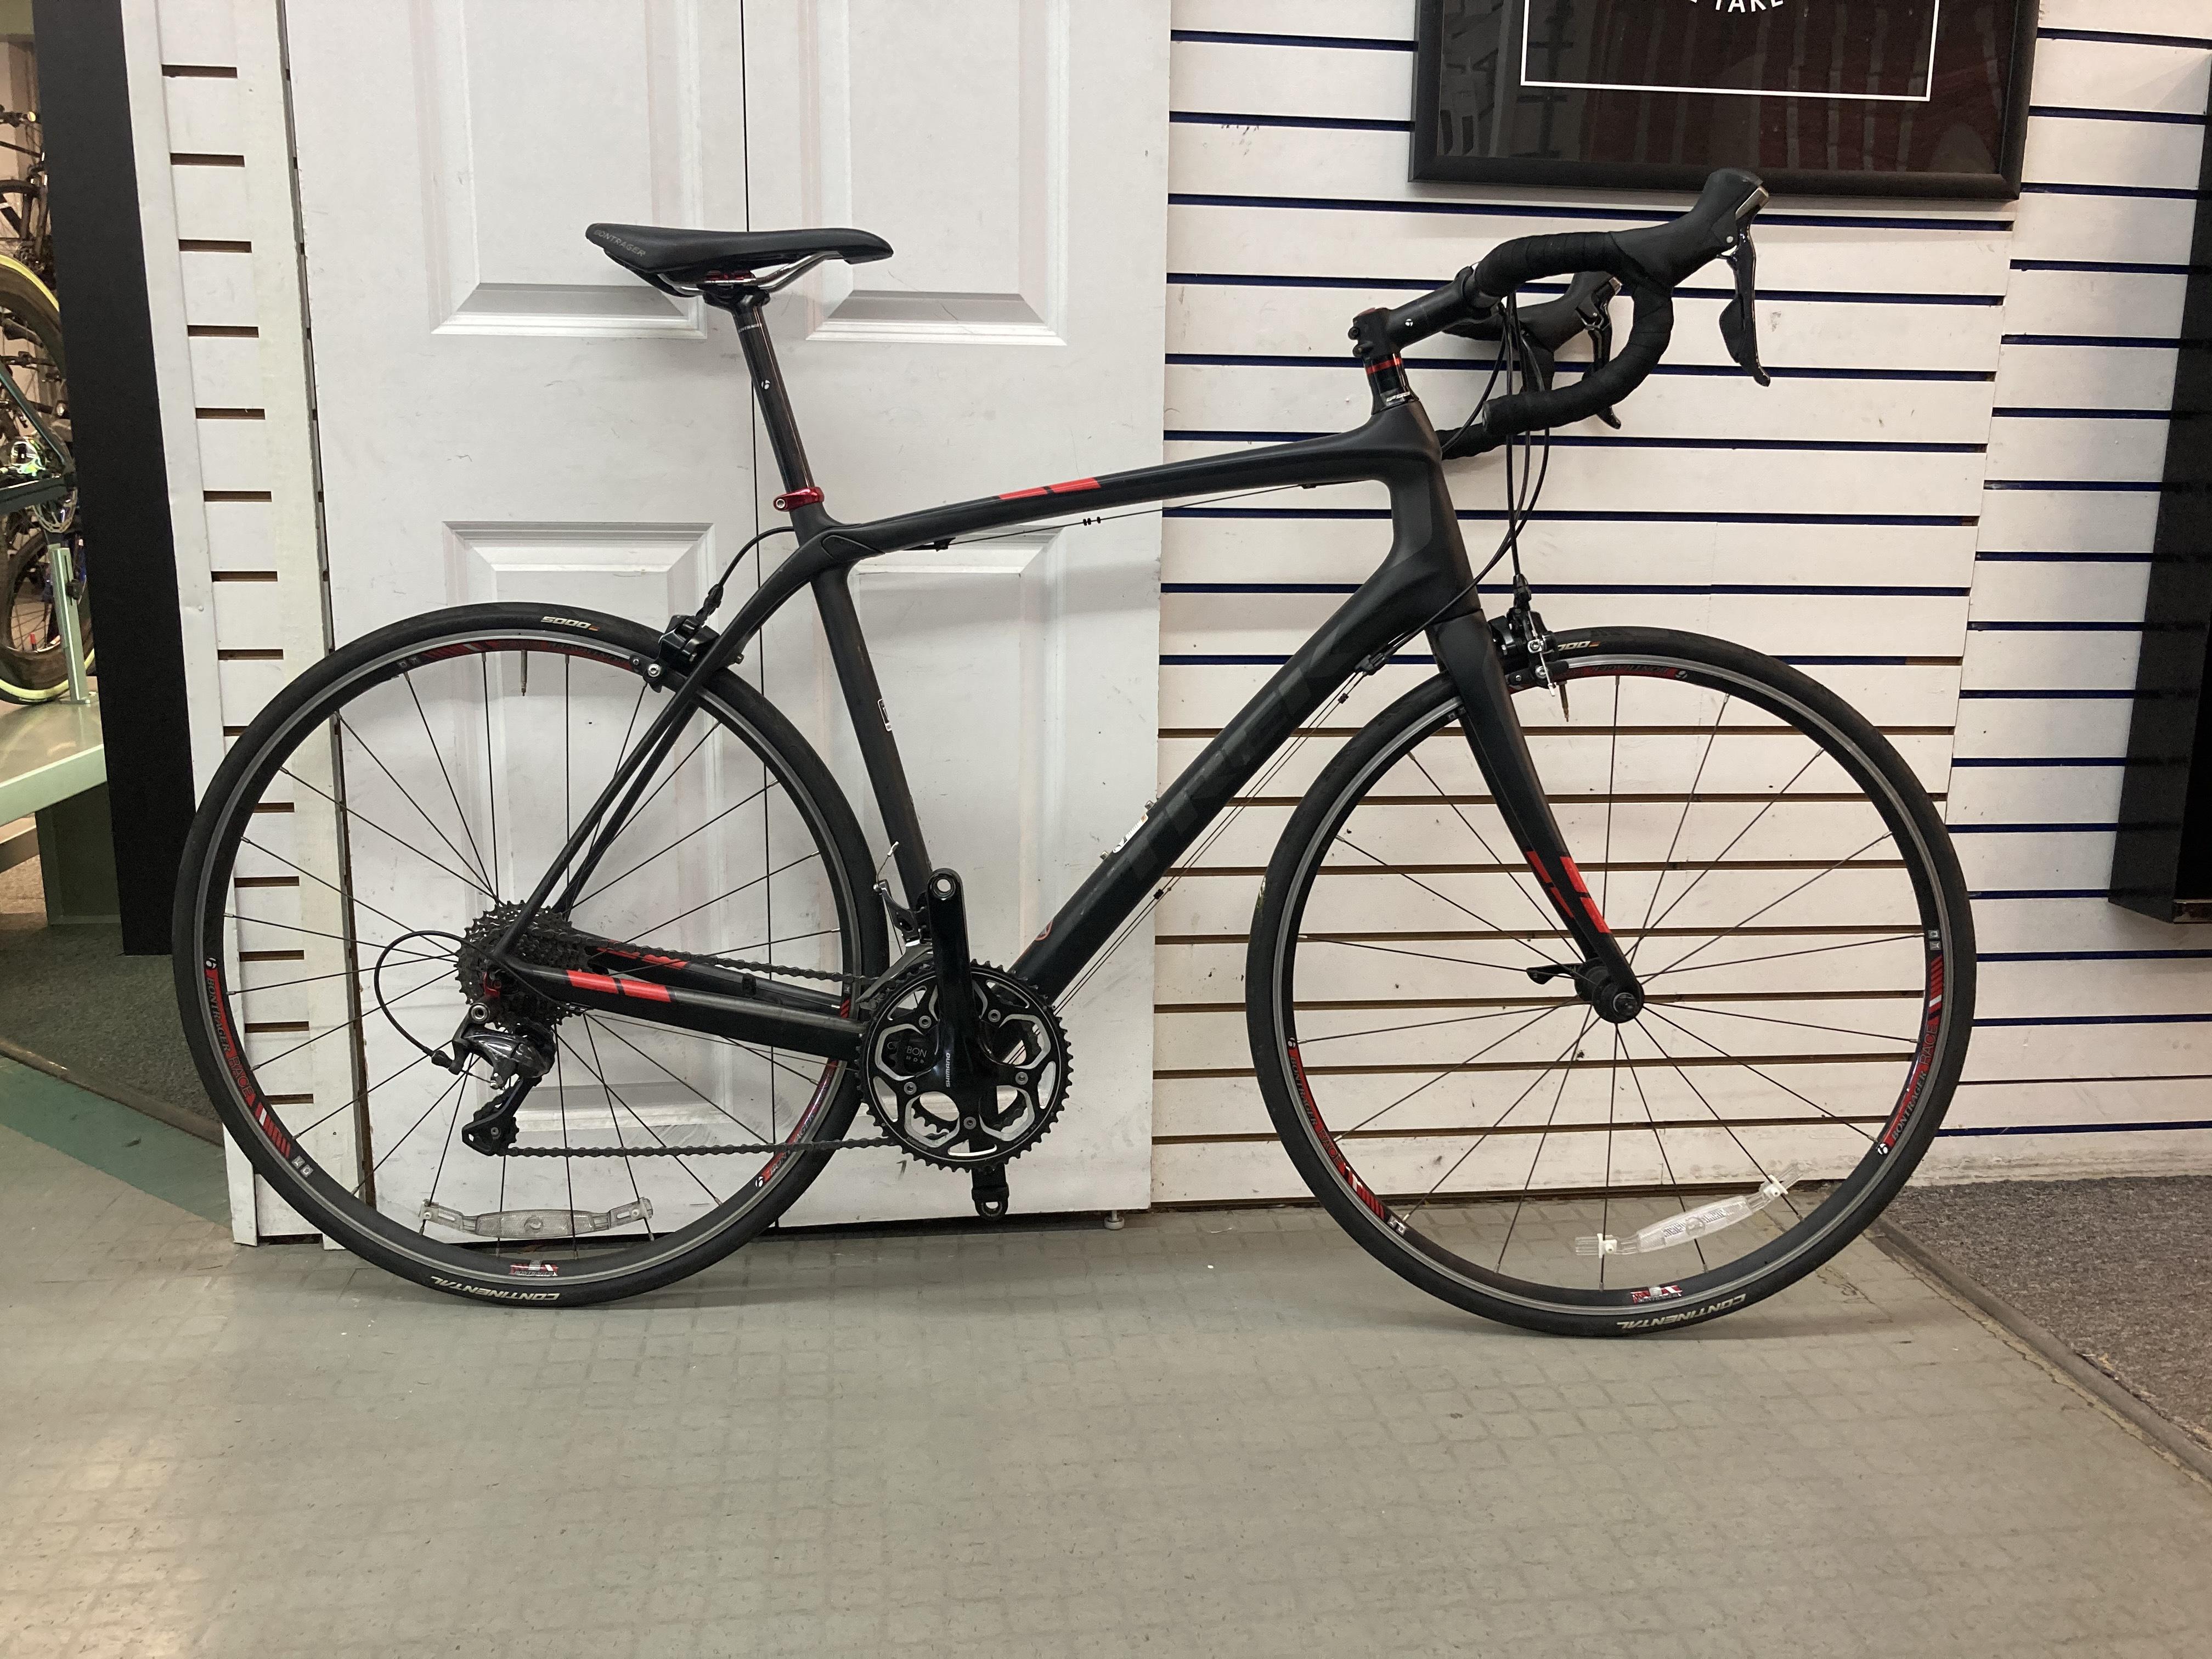 Bontrager SSR Bicycle Saddle Comfy 270x160 Steel Rails 376g Road//MTB Black #469